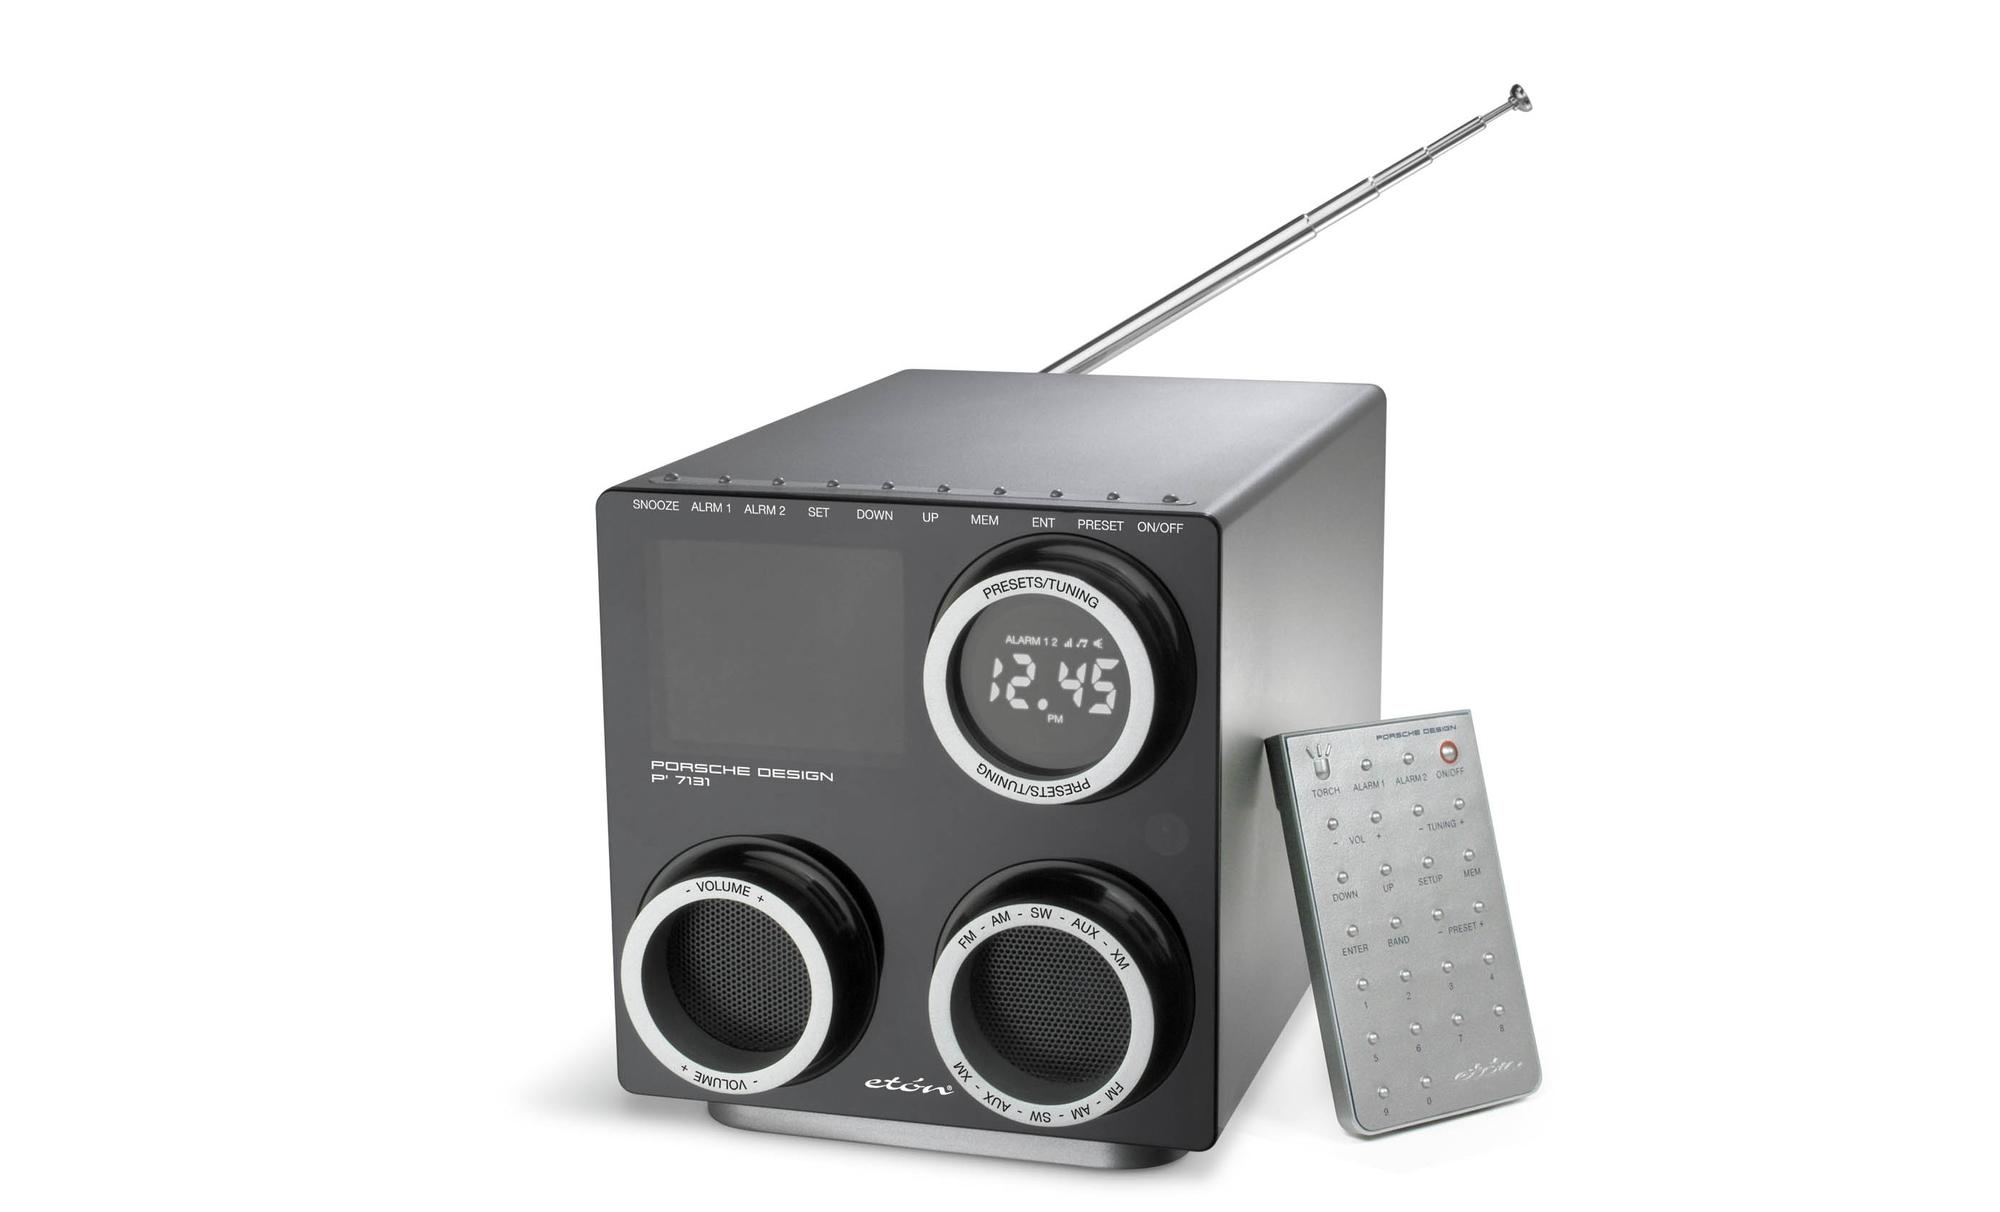 DÅRLIG LYD? Om lyden er for dårlig er i alle fall Porsche Designs DAB-radio lett å se på.